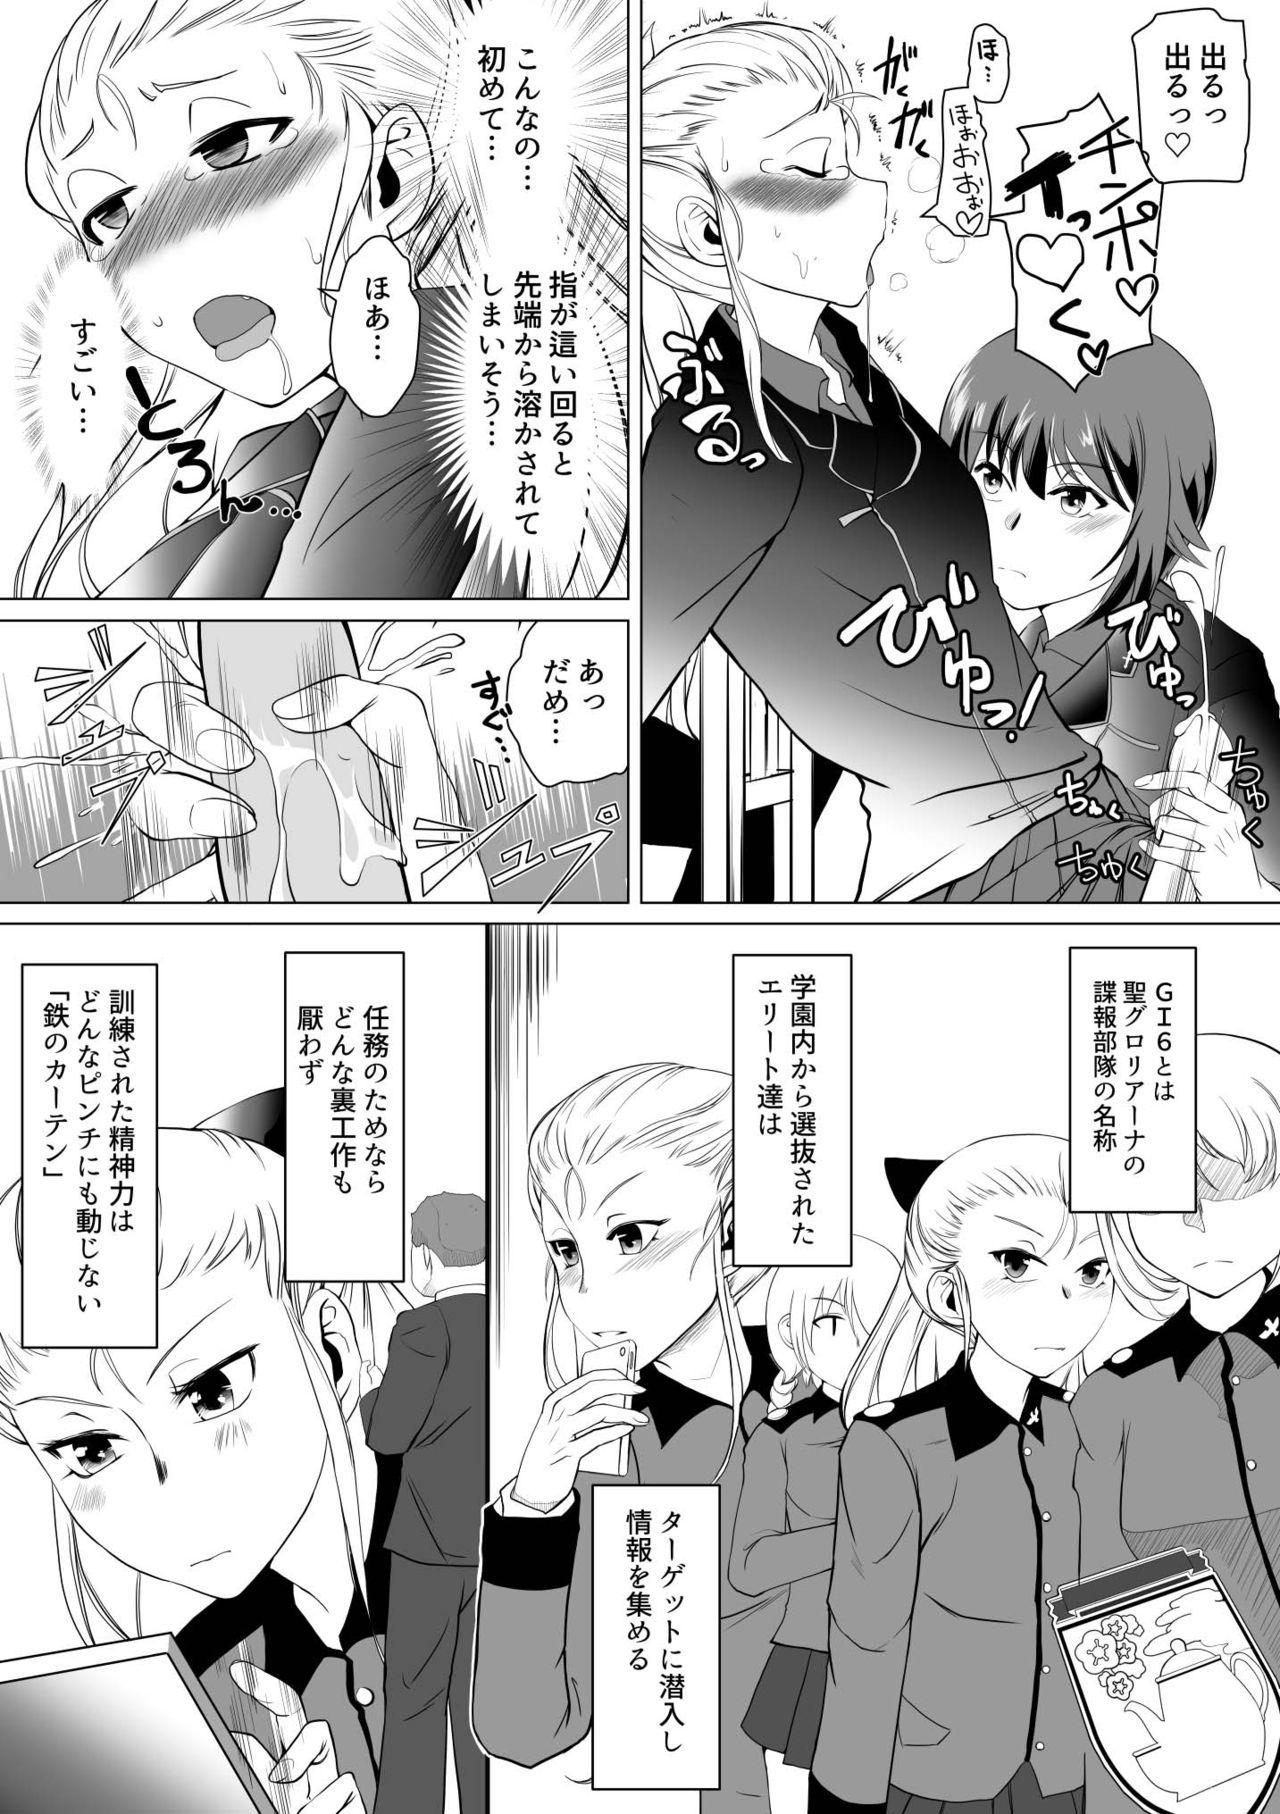 Seijo Kanraku Kuroi Mori no Shibo Sei Jinmon 8